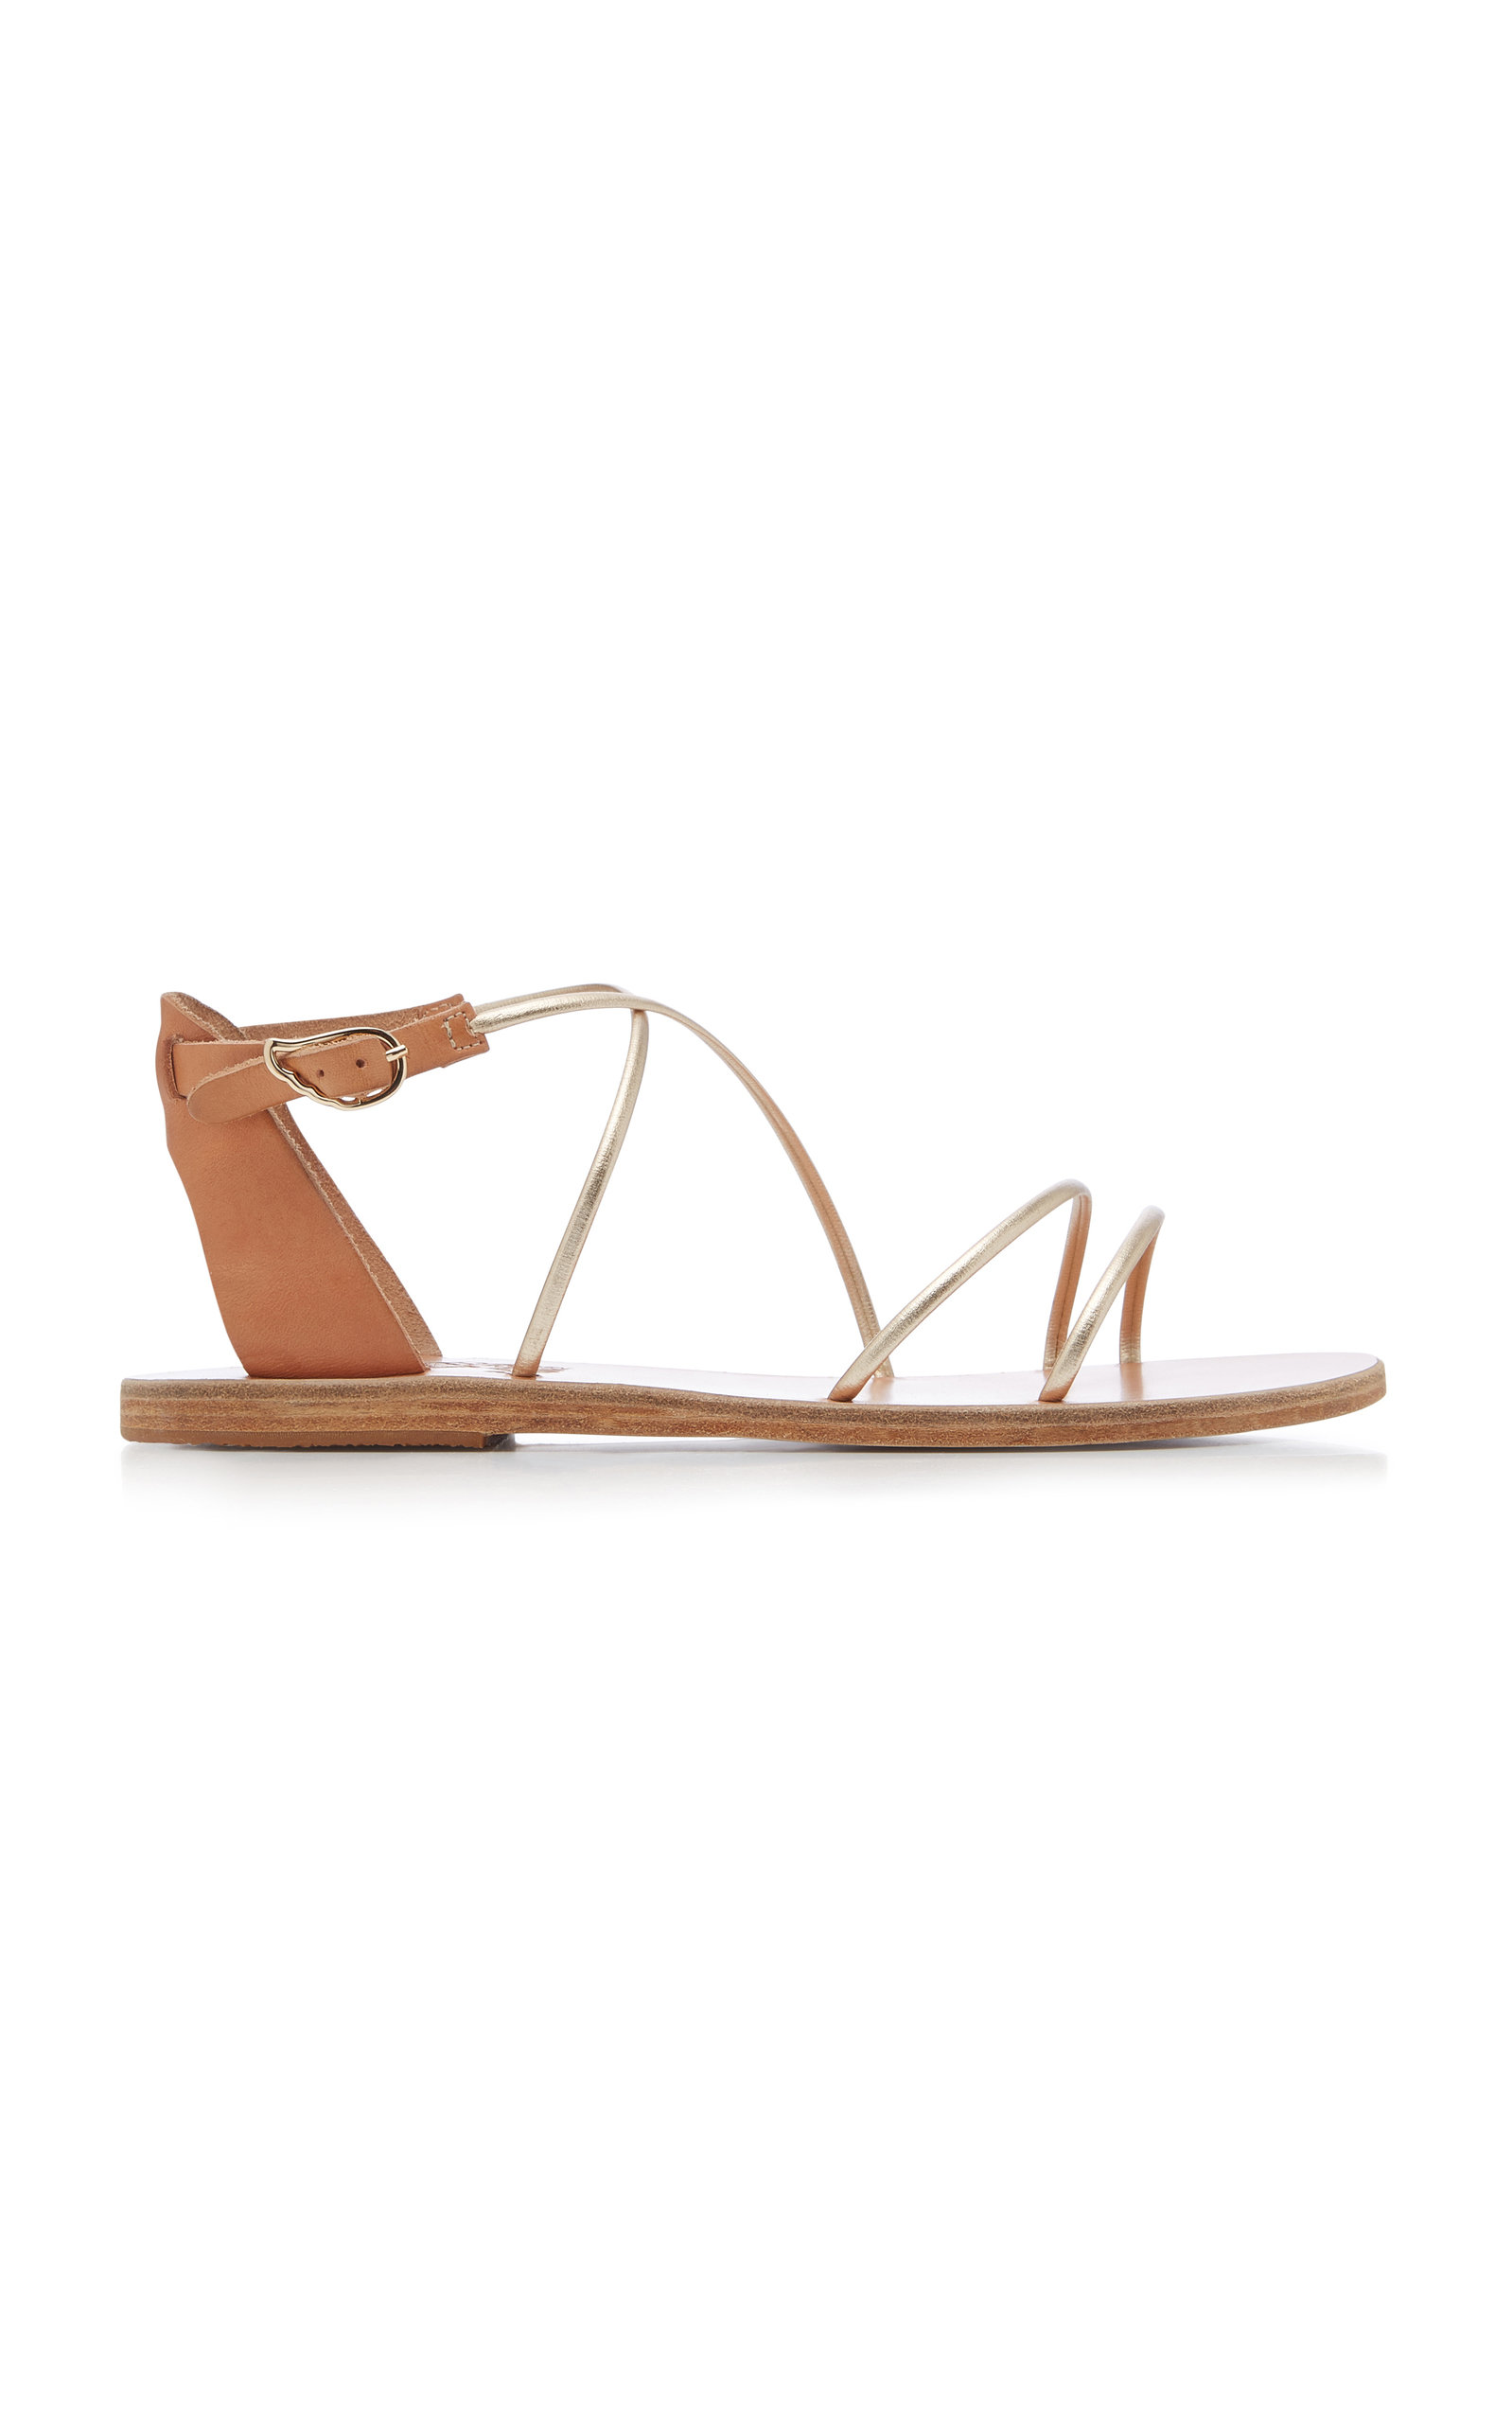 Ancient Greek Sandals Sandals Meloivia Leather Sandals